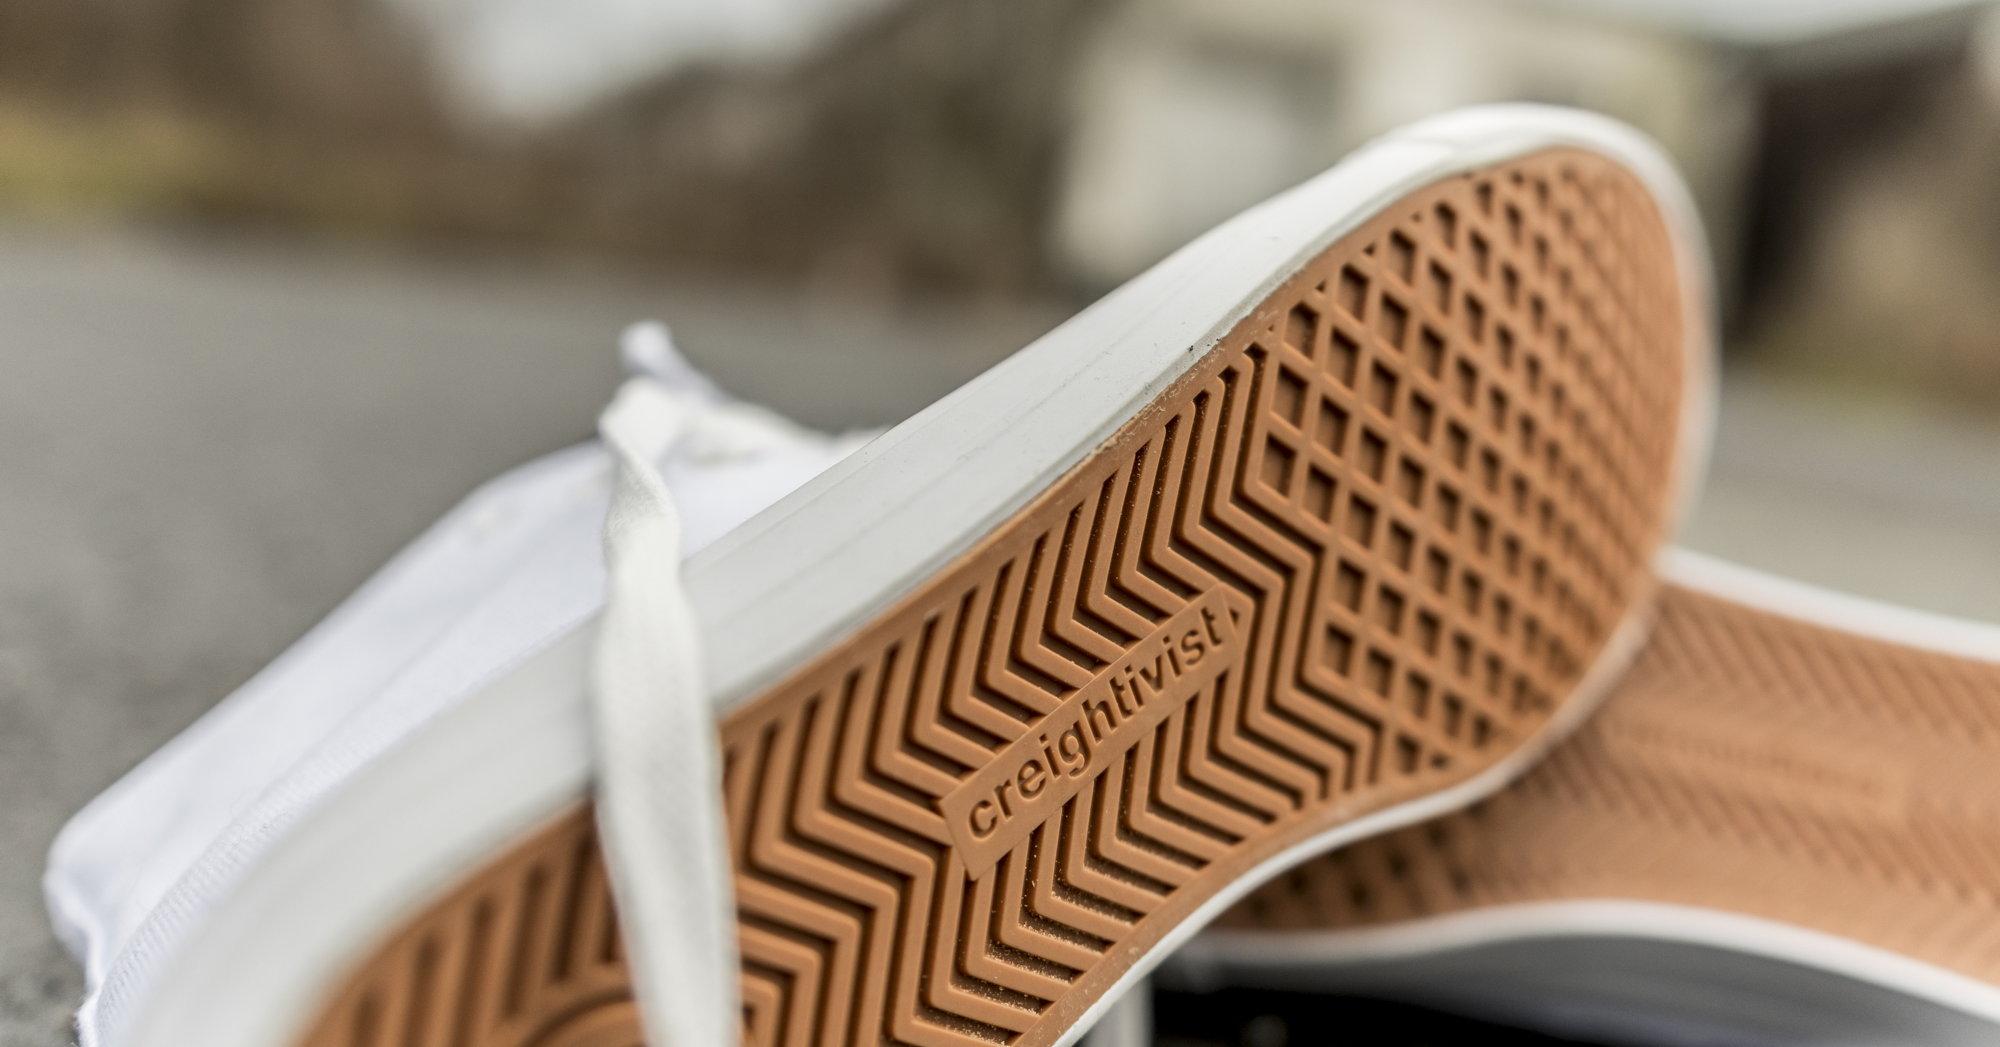 [Creightivist] Sneaker + Oberteil (z.B. T-Shirt) bestellen und bedrucken/gestalten lassen   20 € Gutschein erhalten